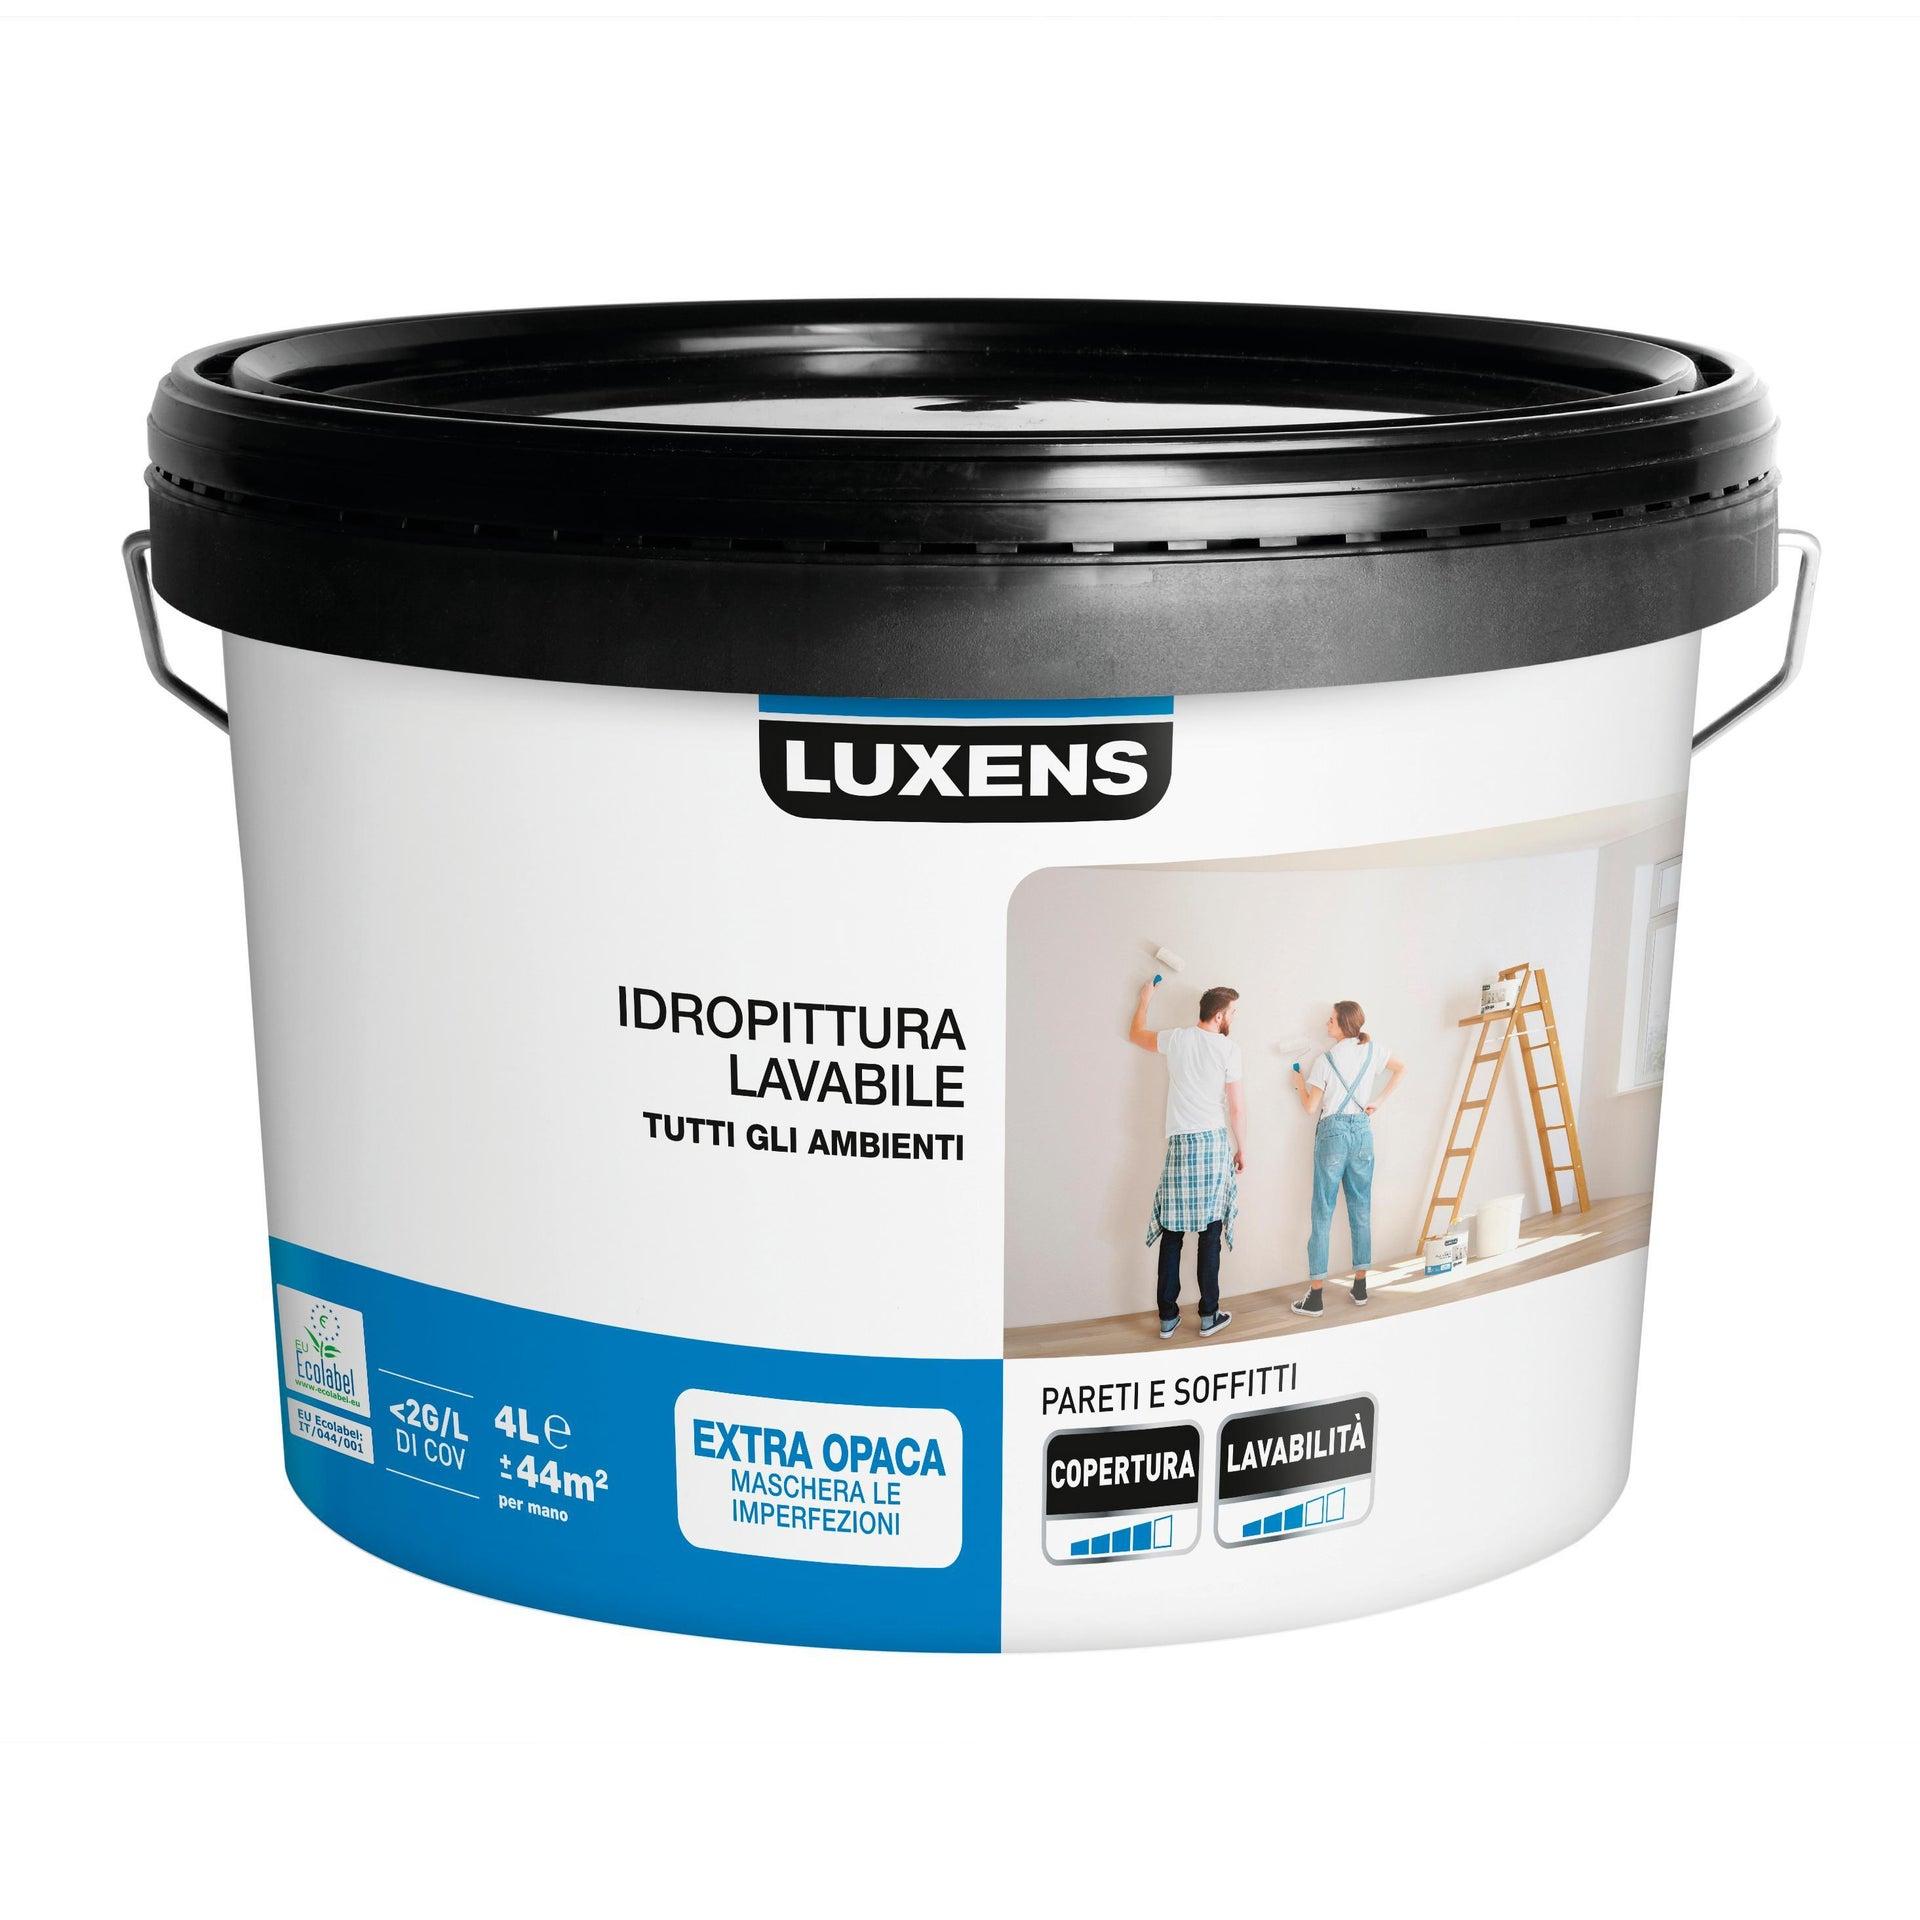 Pittura murale 275197G500001 LUXENS 4 L bianco - 7